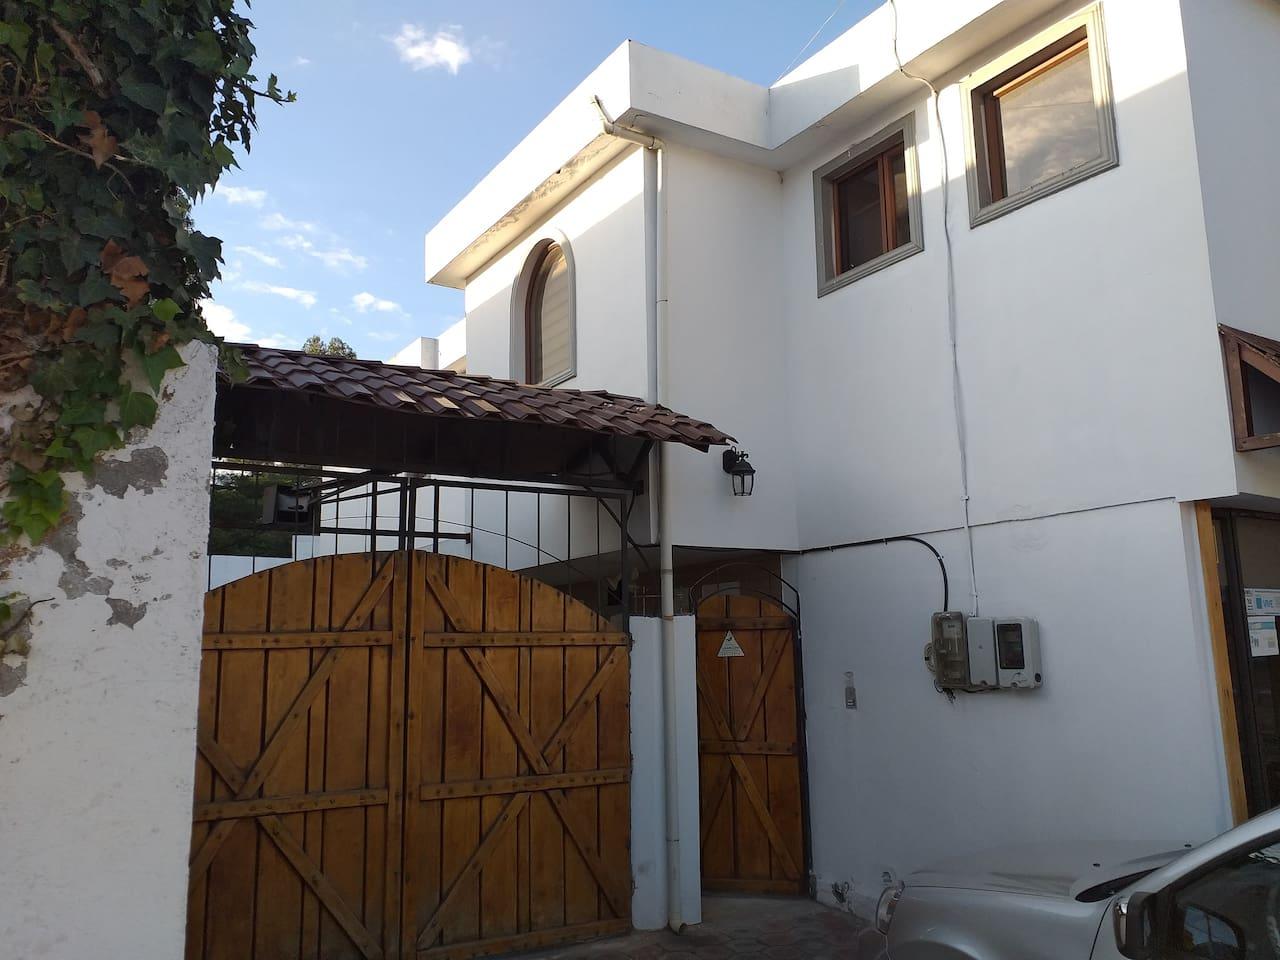 Ave. Manuela Saenz 365 Barrio El Aromito.